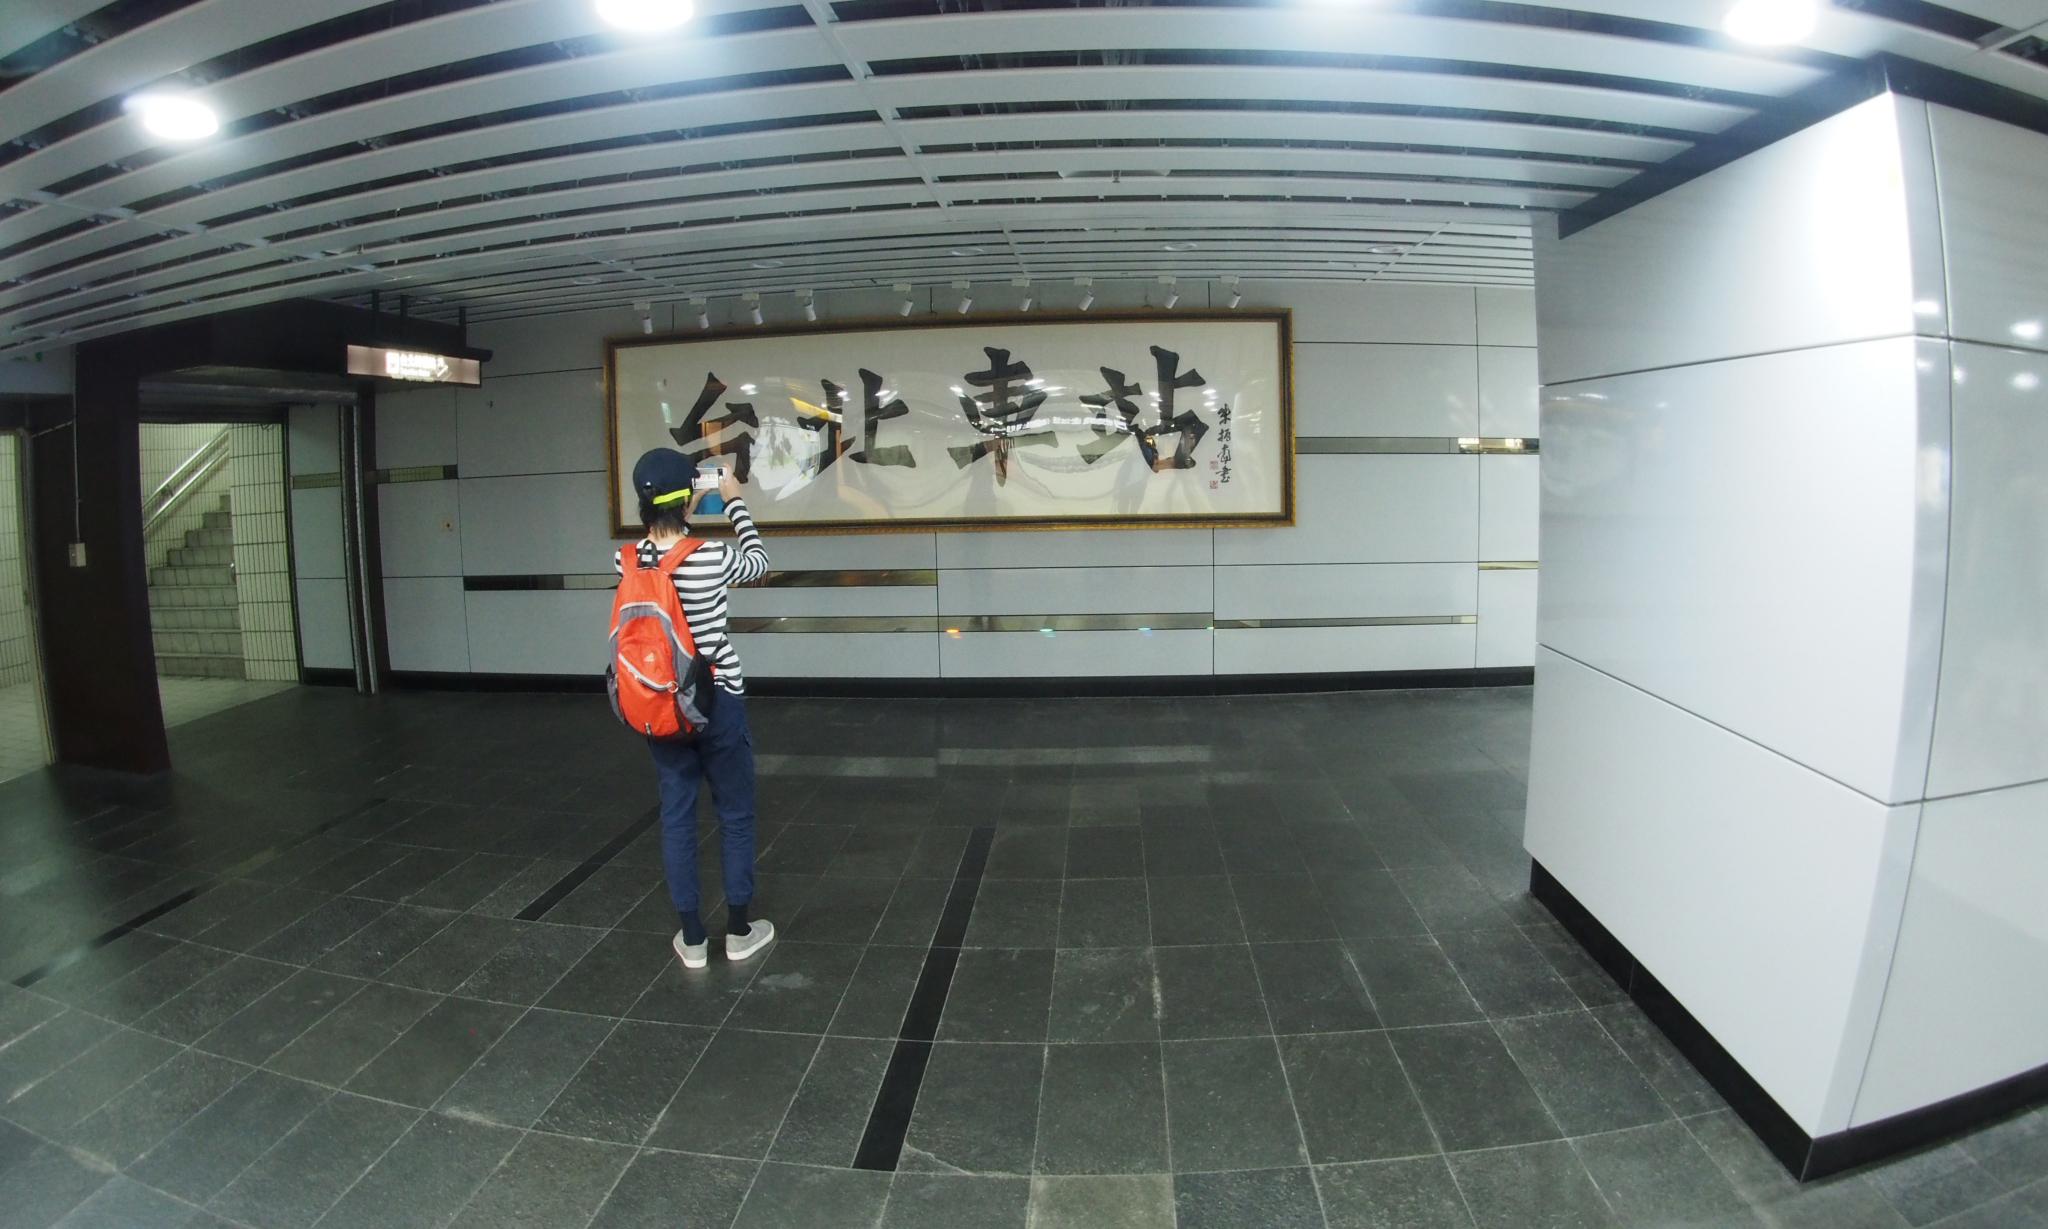 【台湾旅行1日目①】空港と駅で彷徨う家族